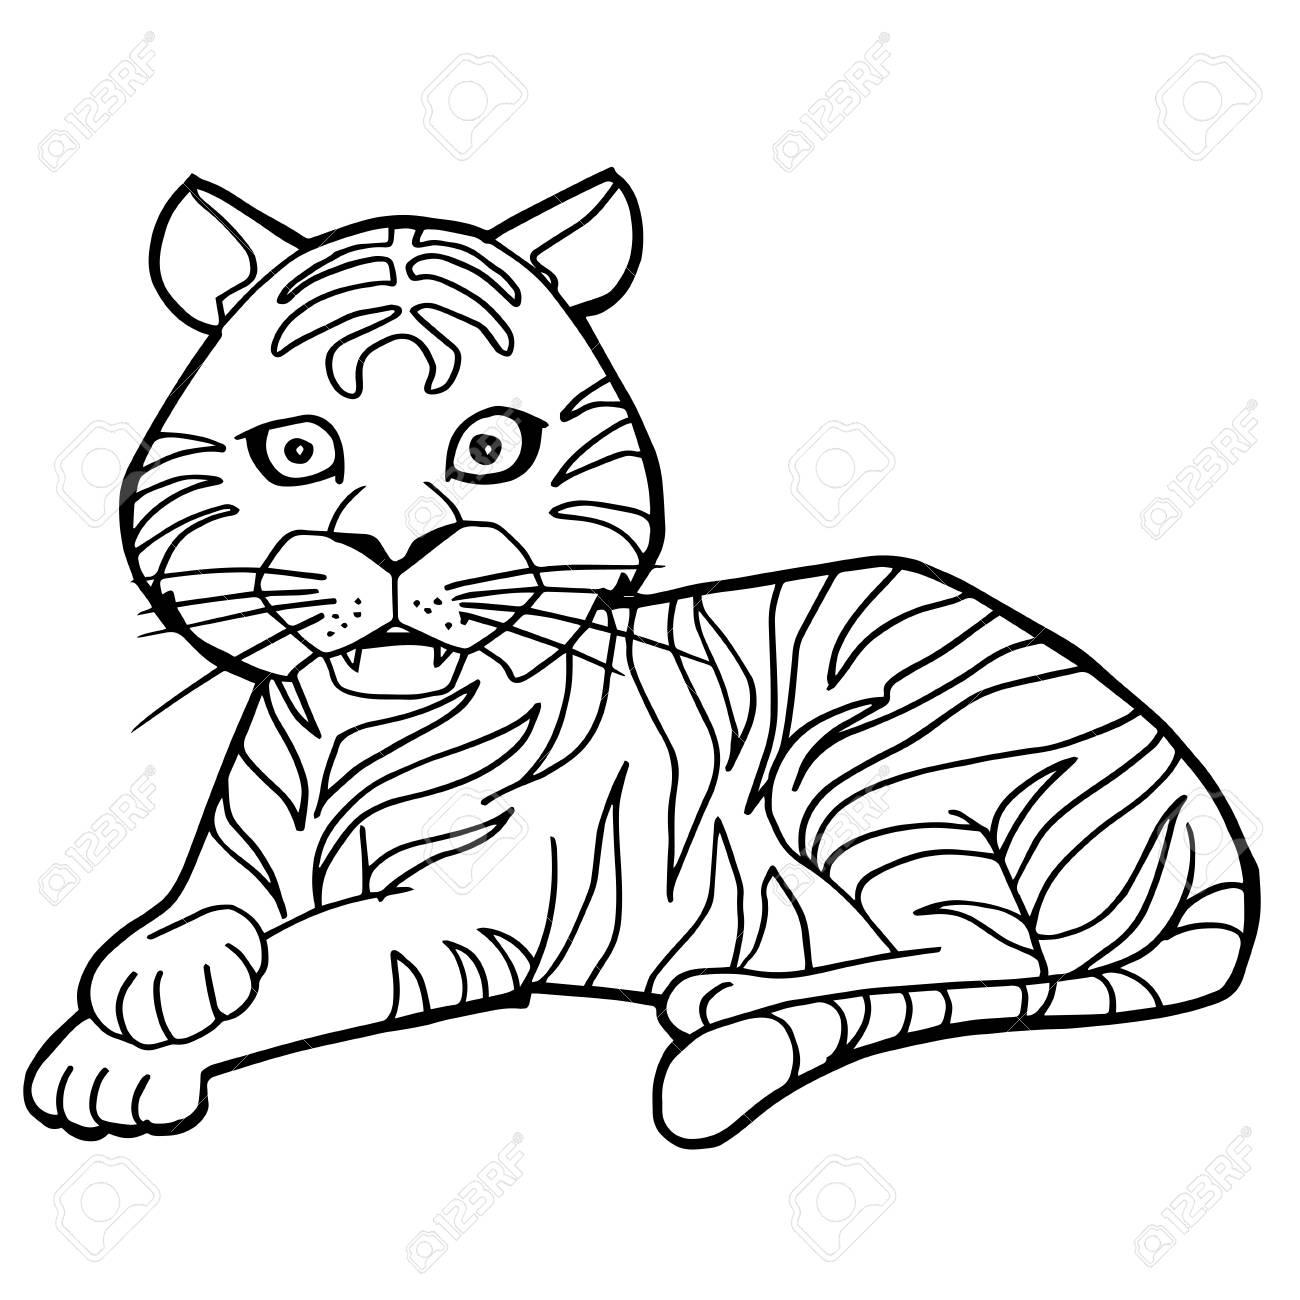 Ilustración De Dibujos Animados Lindo Tigre Para Colorear Página Vectorial